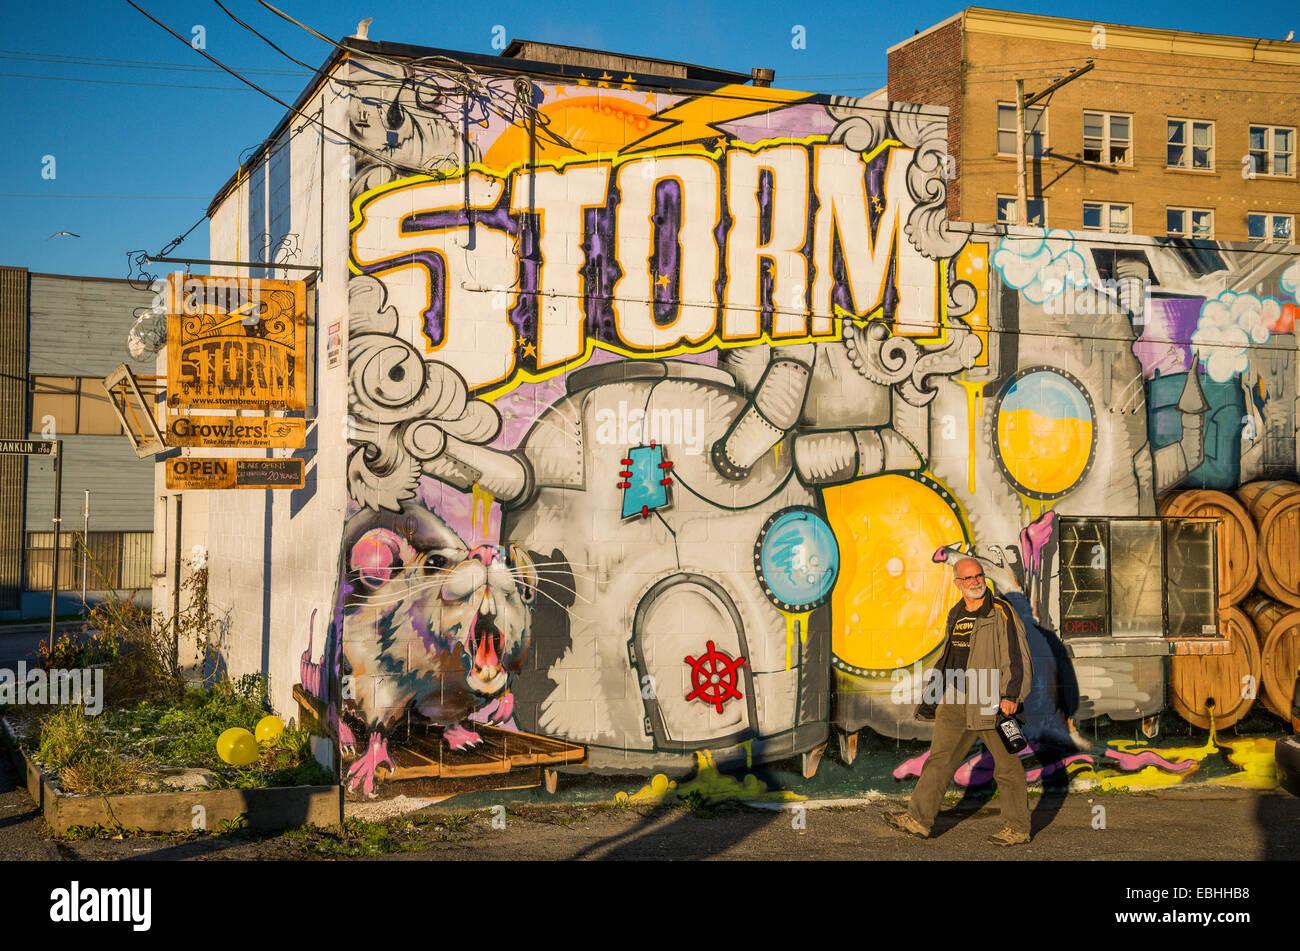 Hombre con hojas de cerveza growler, Storm Brewing Company, Commercial Drive, Vancouver, British Columbia, Canadá Imagen De Stock